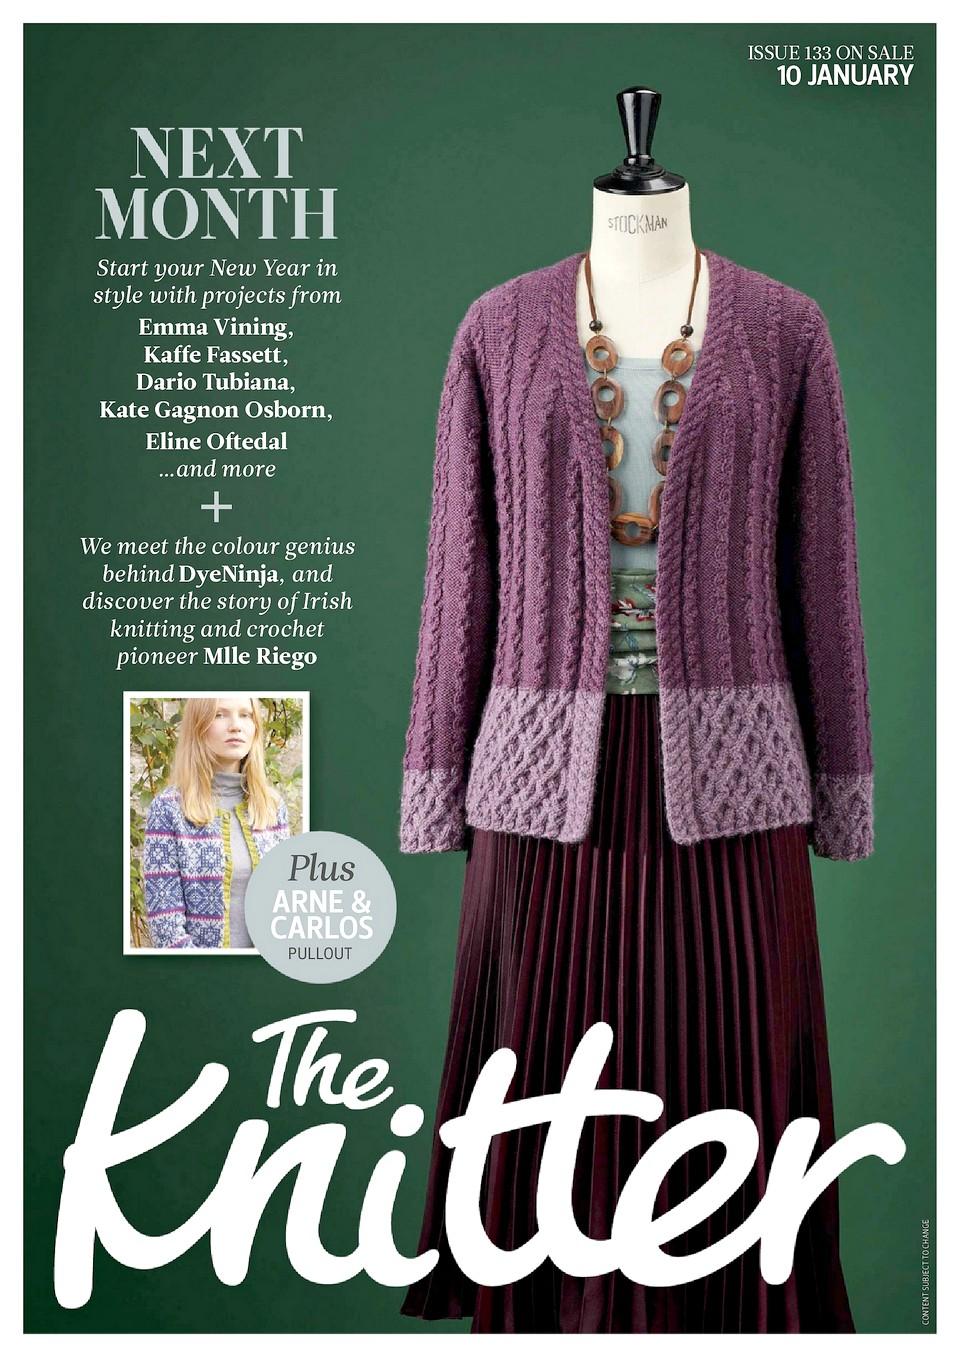 132The-Knitter-080